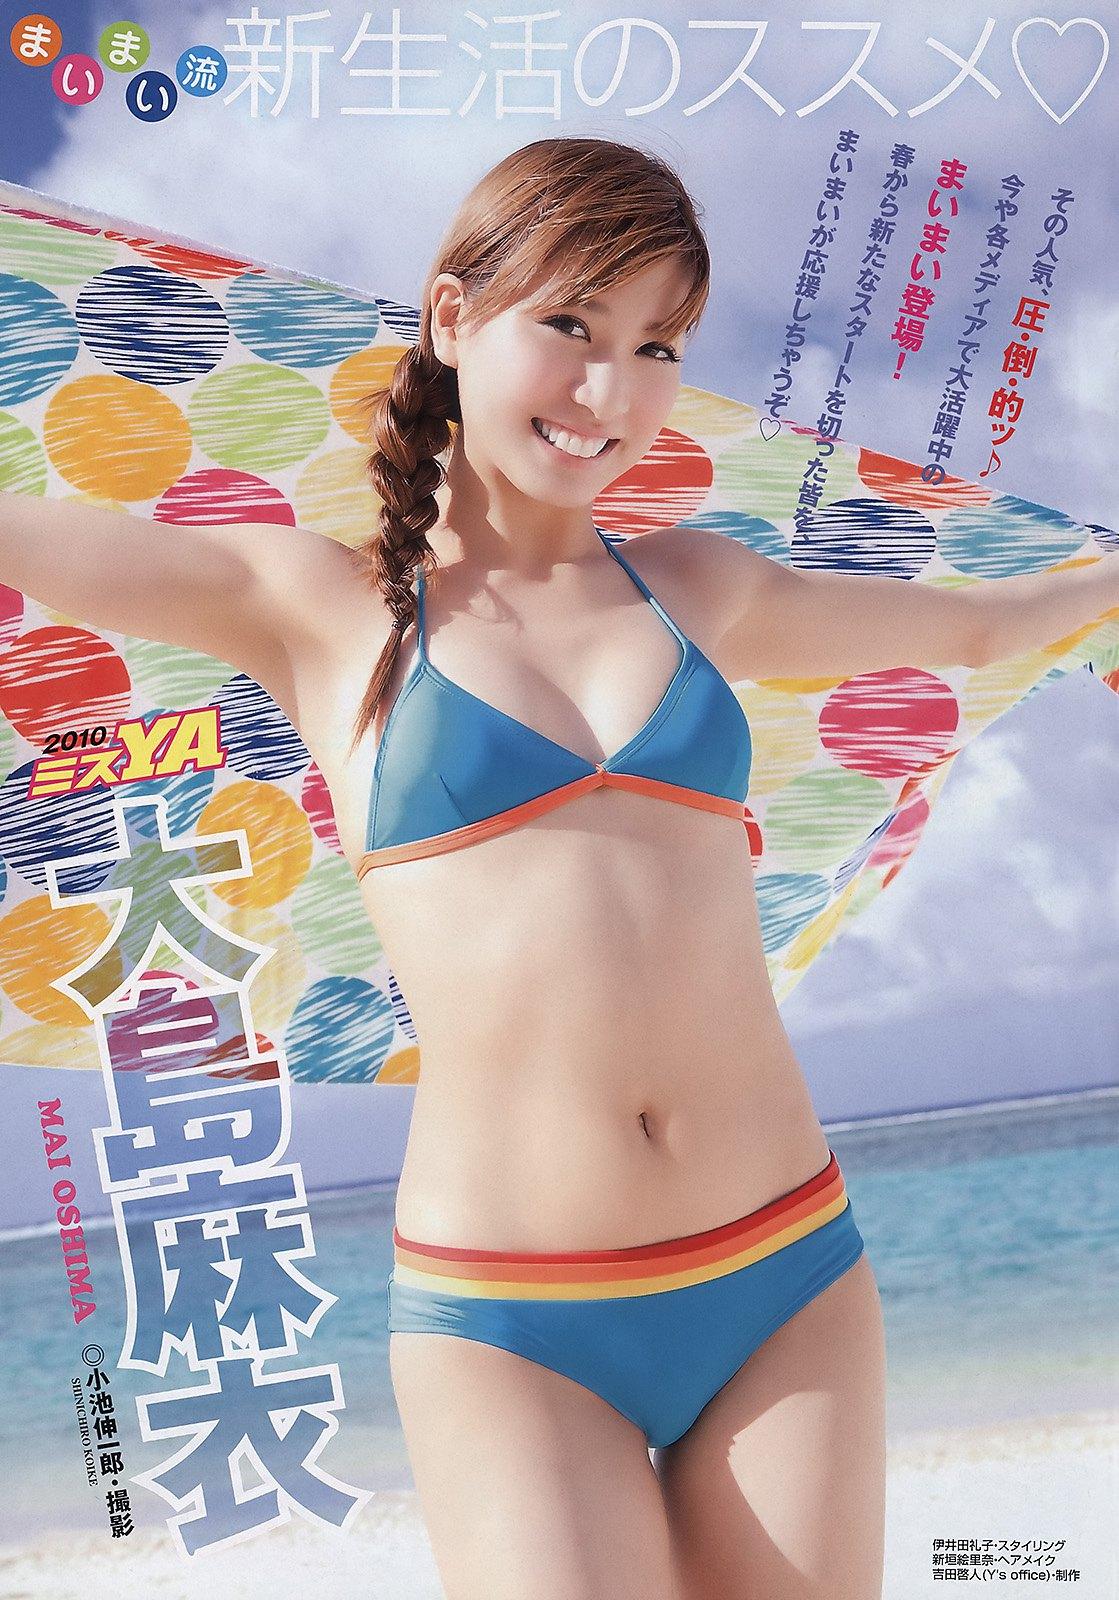 大島麻衣 セクシー ビキニ水着 笑顔 カメラ目線 脇 貧乳 太もも 三つ編み 高画質 エロかわいい画像